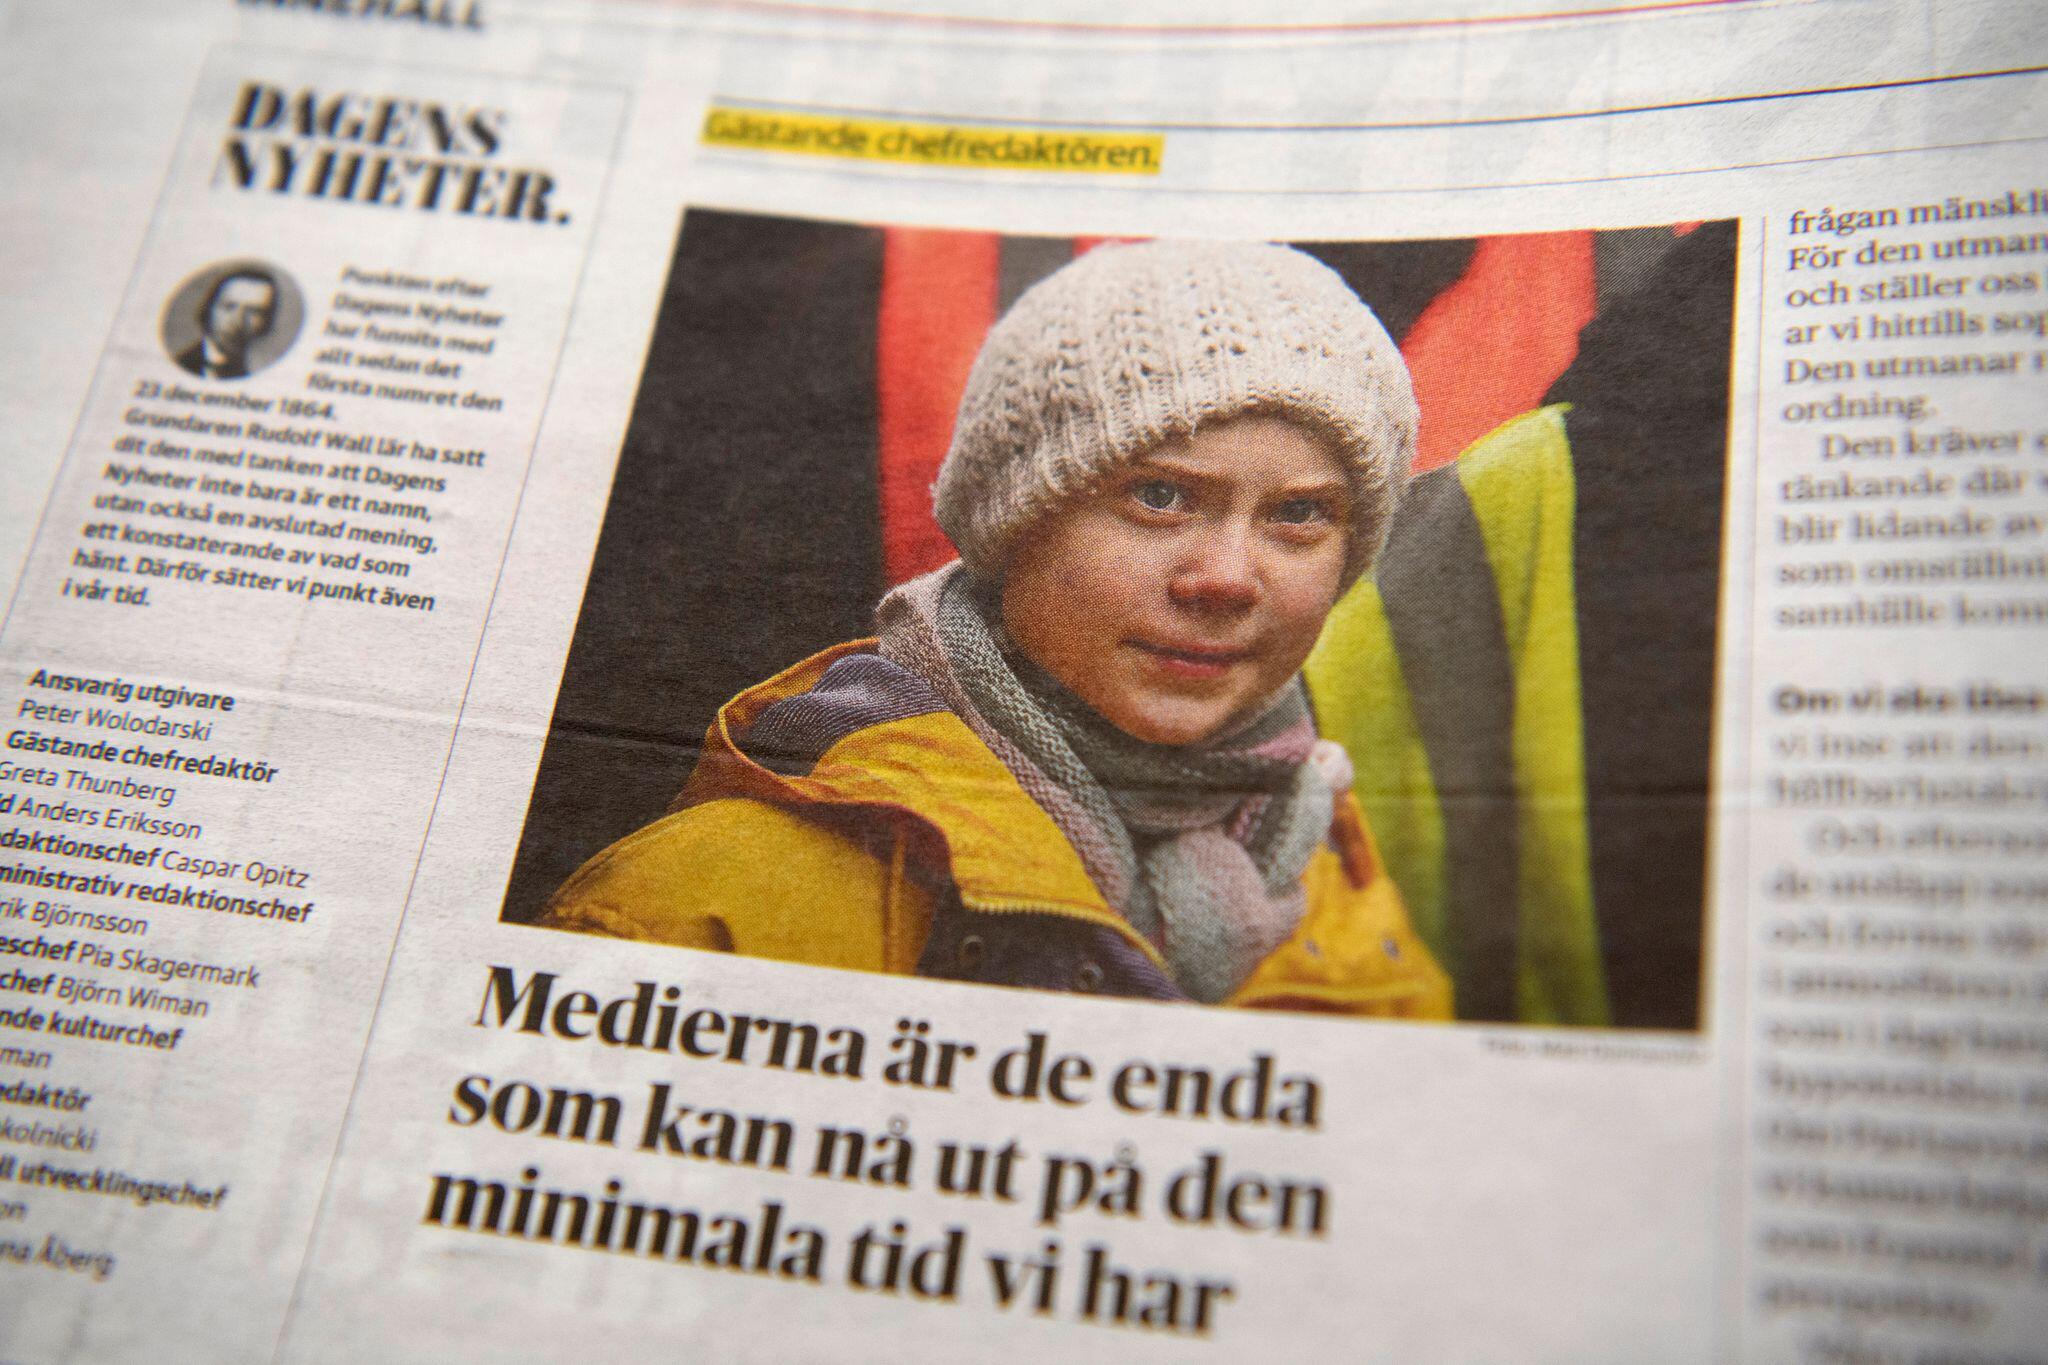 Bild zu Aktivistin Thunberg als Chefredakteurin